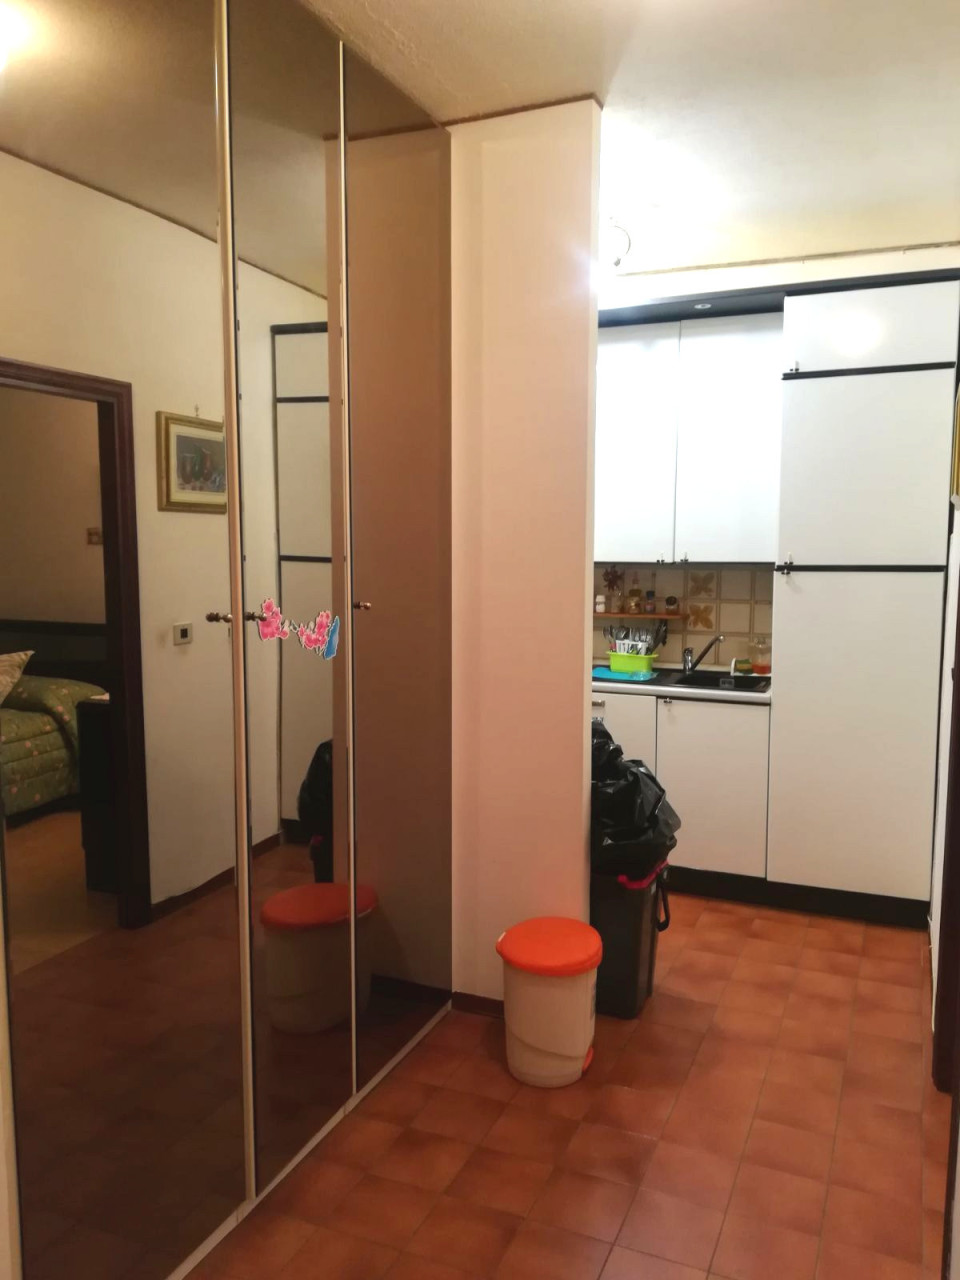 Appartamento in vendita a Dicomano, 5 locali, prezzo € 65.000   PortaleAgenzieImmobiliari.it